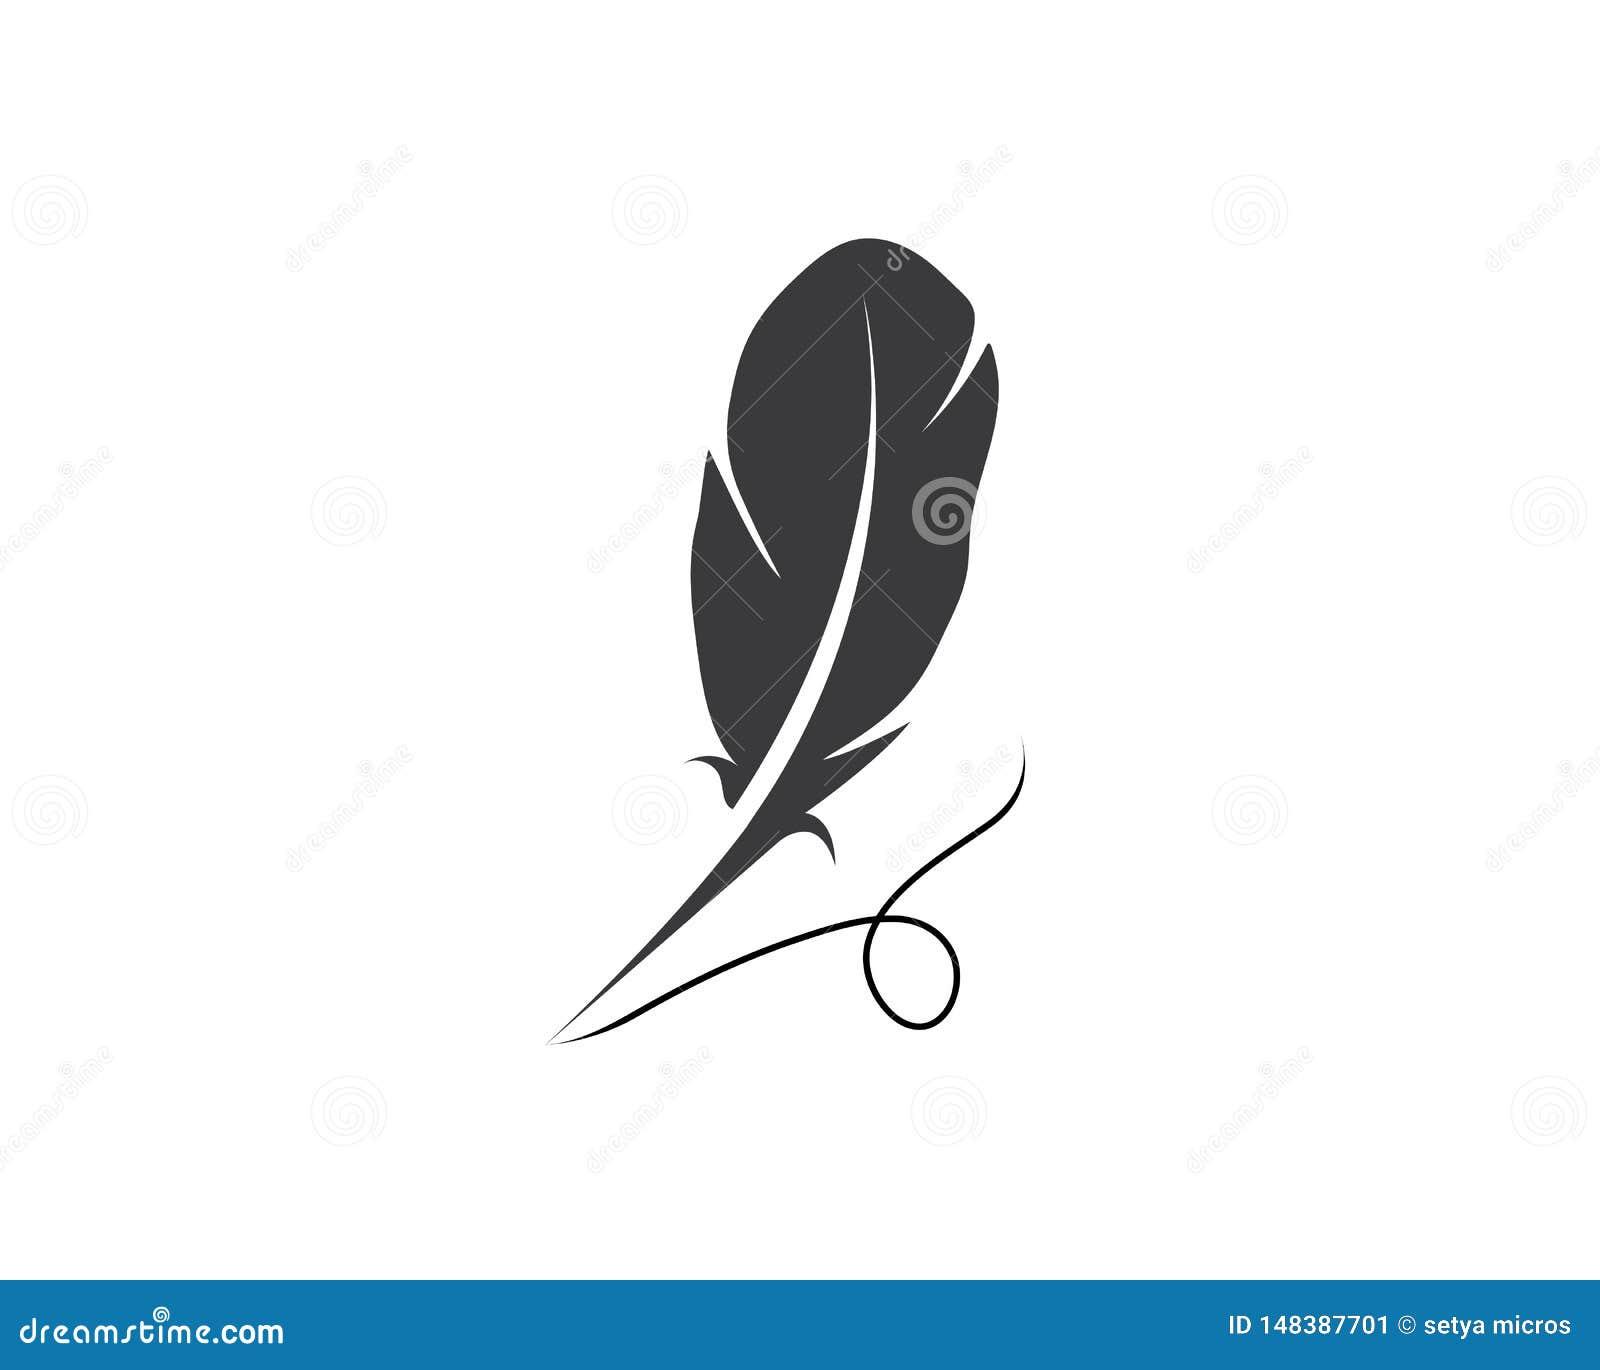 羽毛笔商标模板